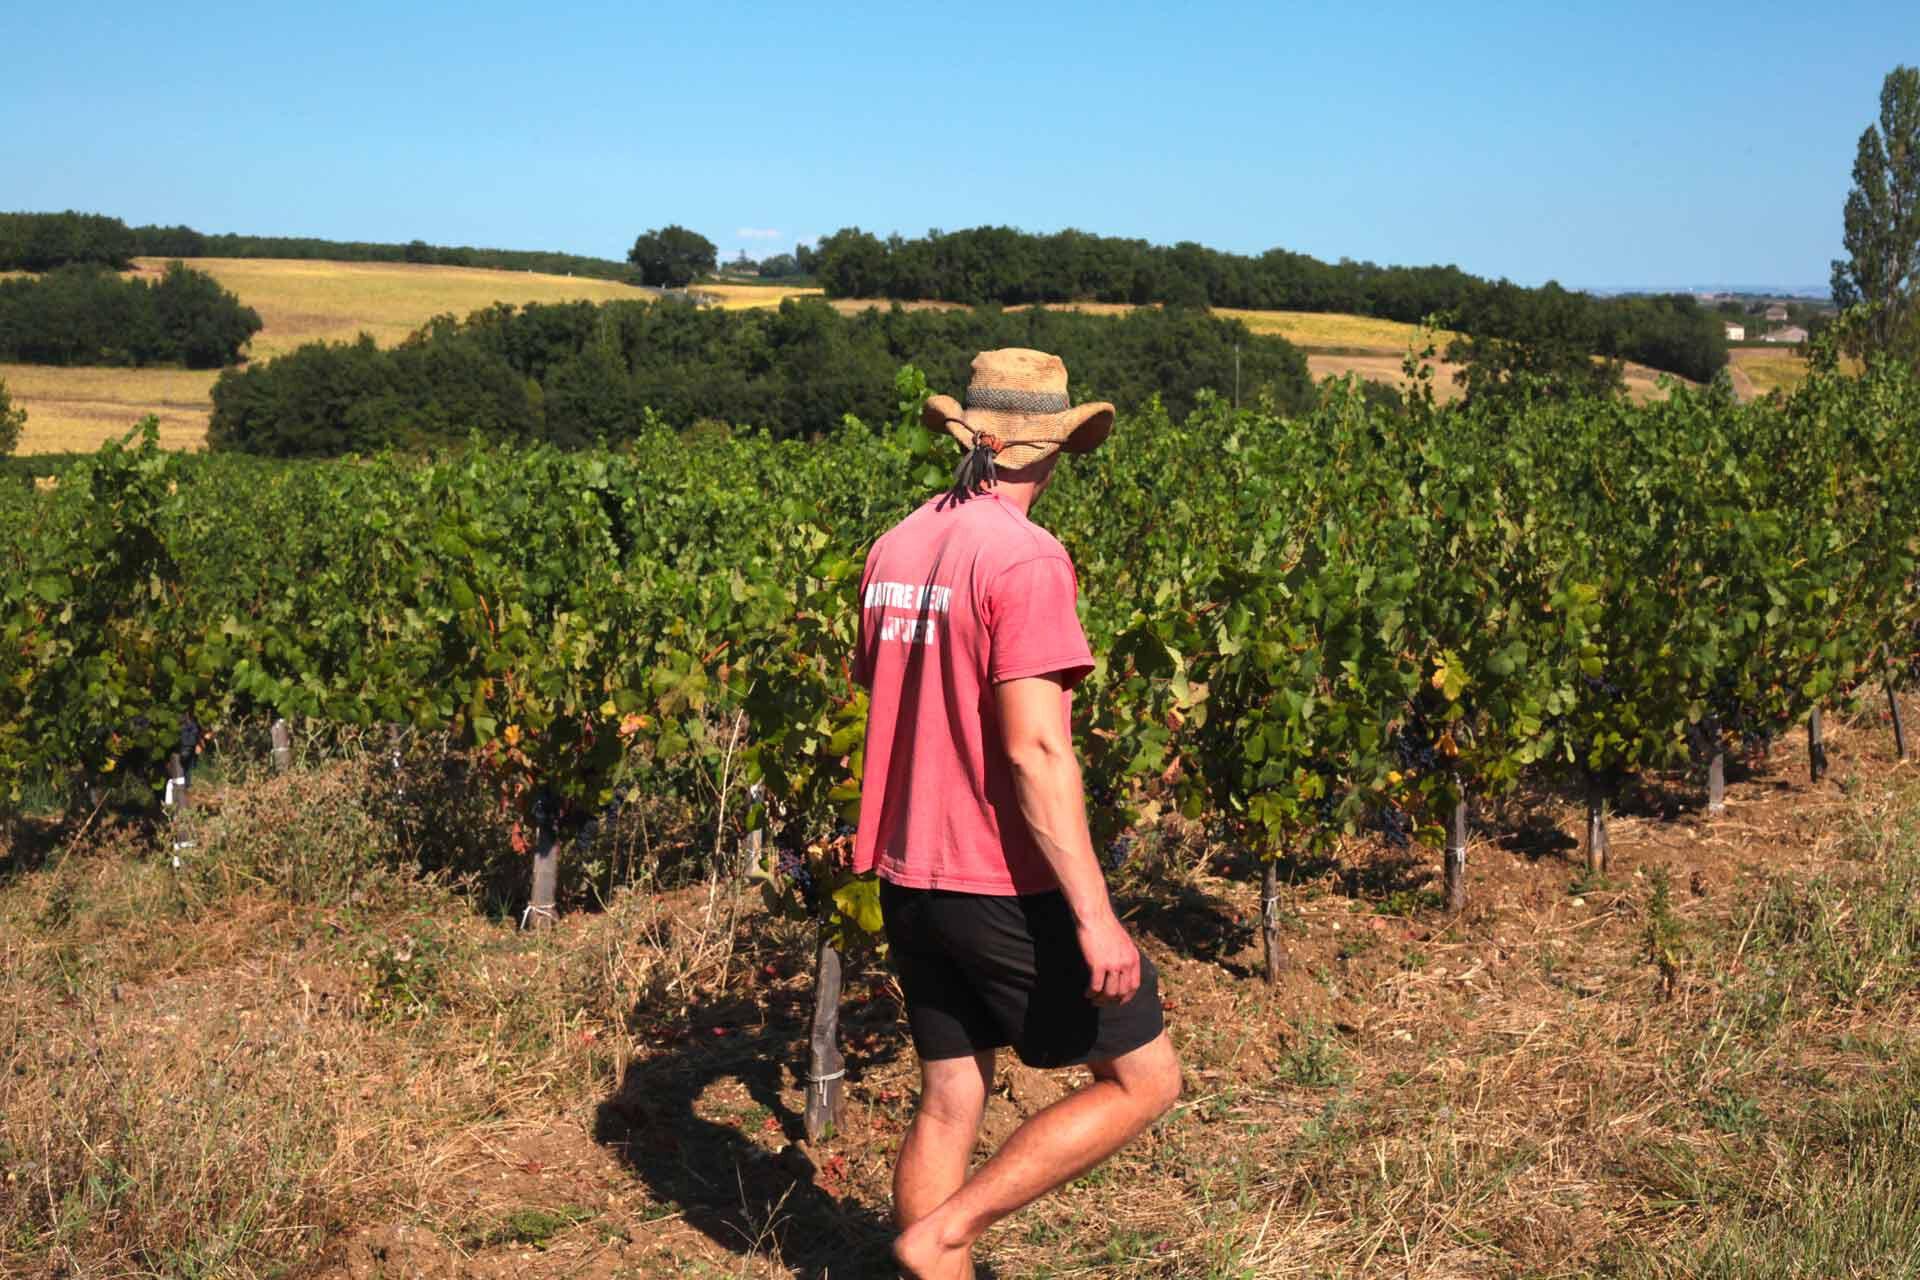 Charles marche pieds nus au milieu de ses vignes